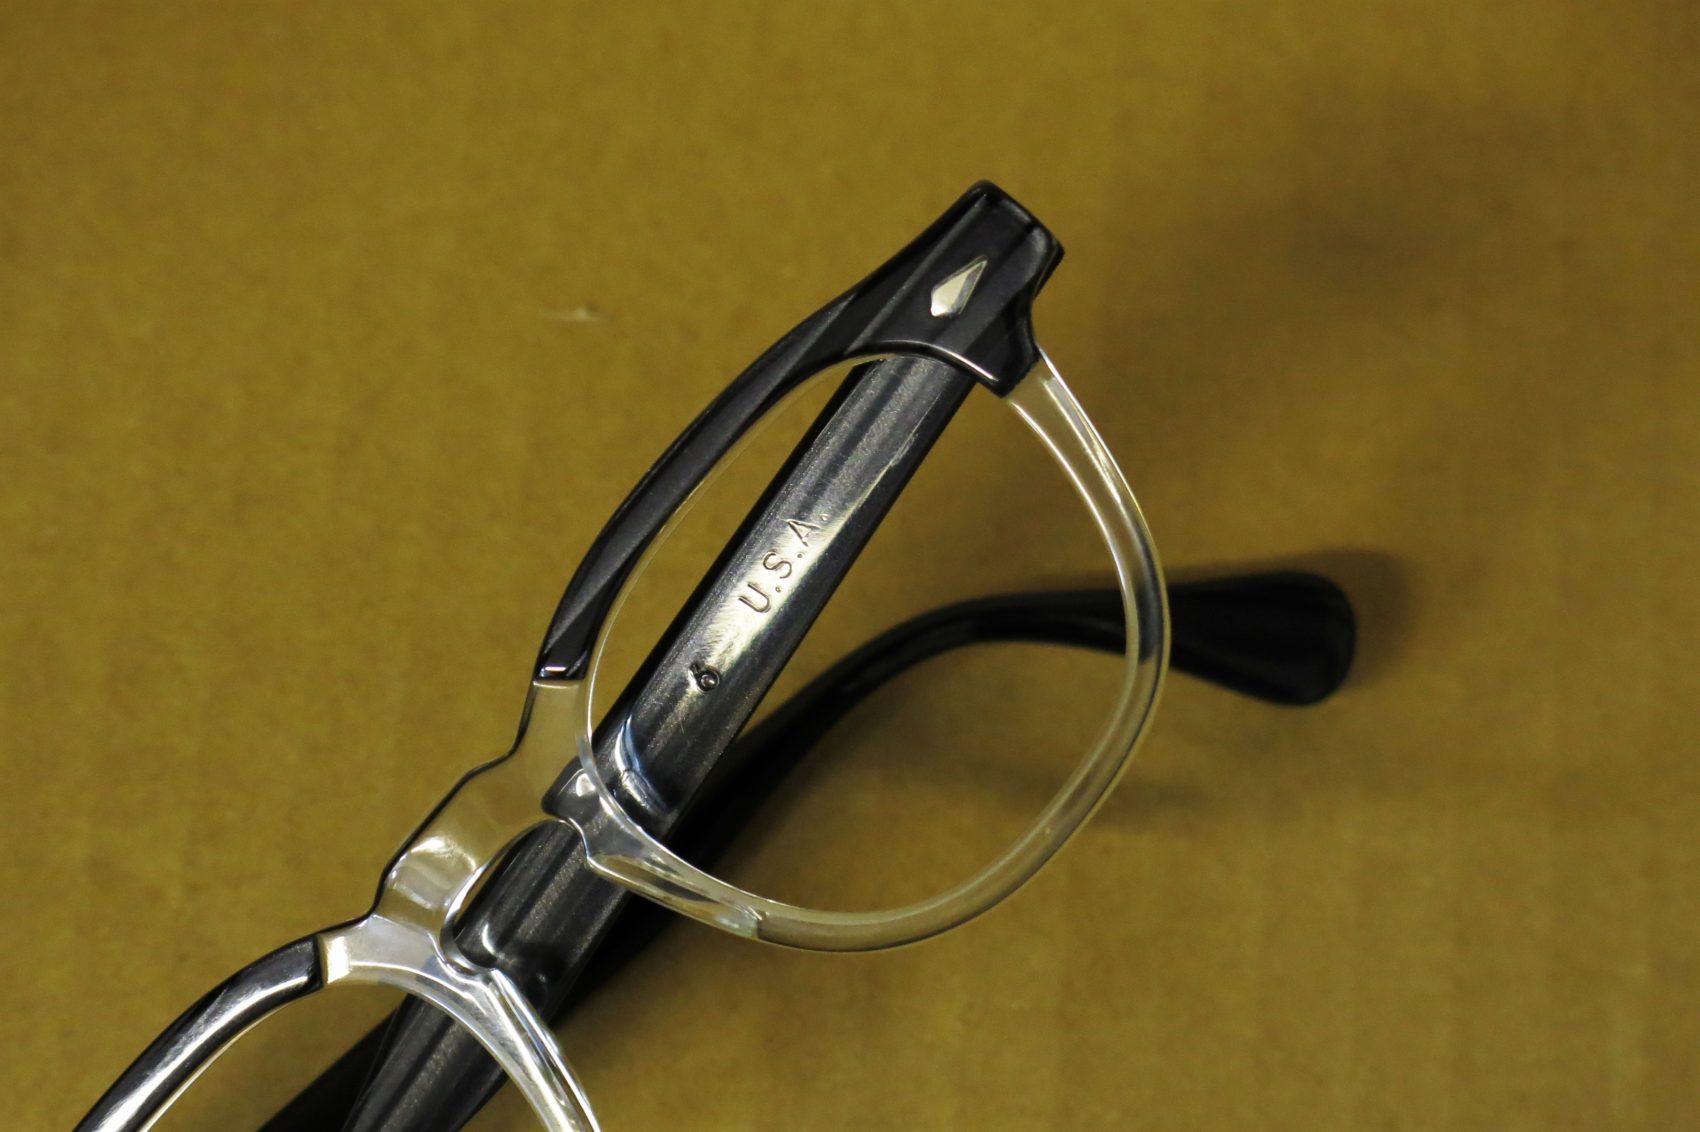 180222-TART Optical ARNEL